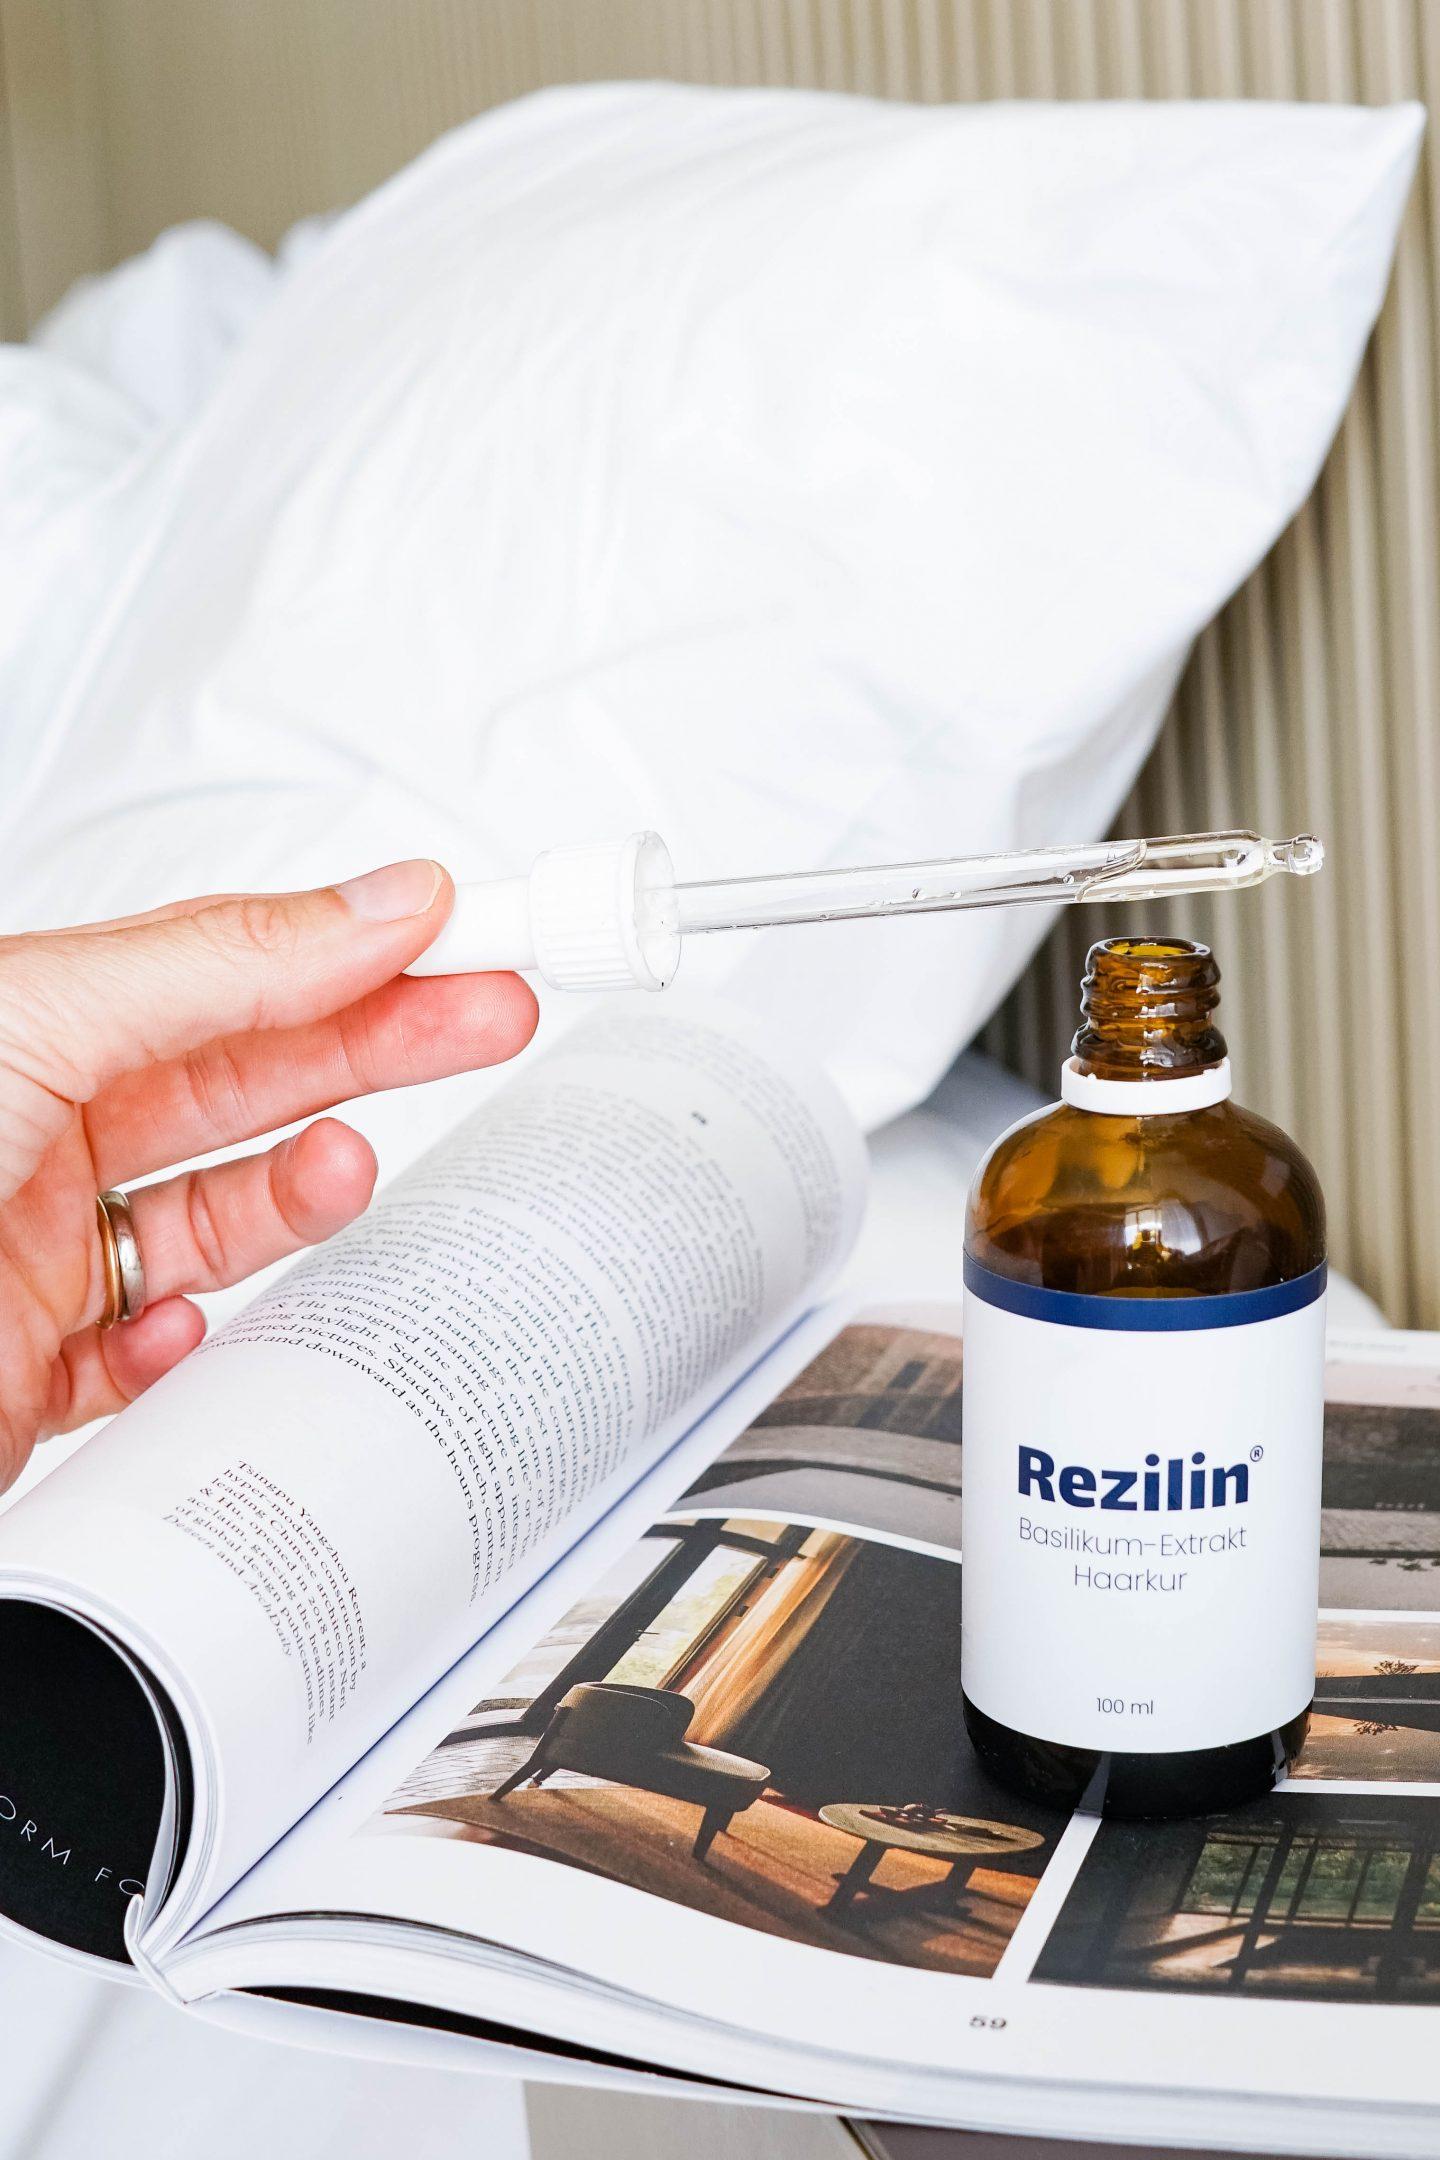 Rezilin Anwendung mit Pipette - Beautyblog Nowshine - Basilikum-Extrakt Haarkur gegen Haarausfall